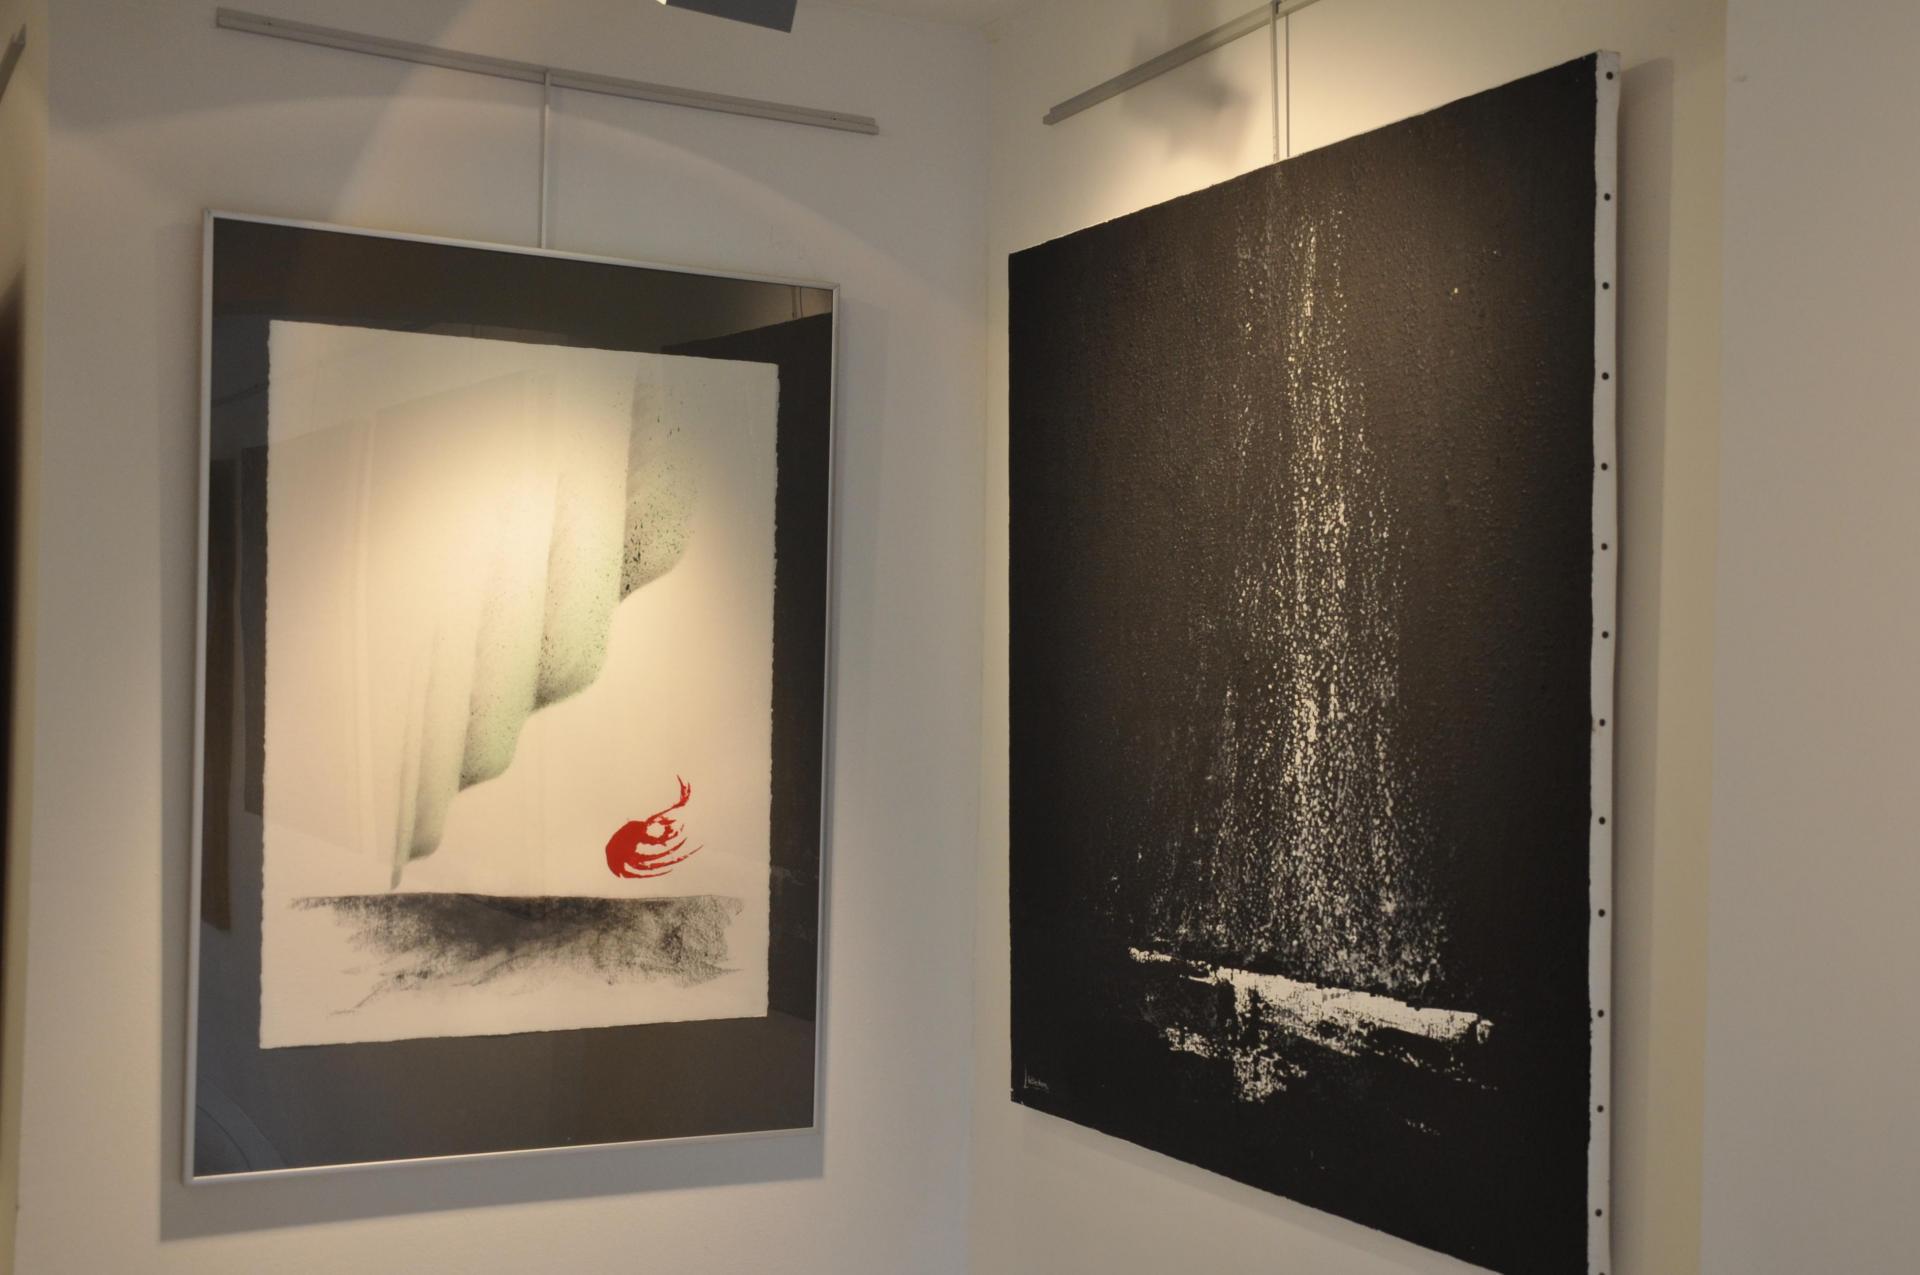 05 die malerin verena von lichtenberg in brugge und in florenville bei d orval die kunstausstellung der galerie utopian nord licht